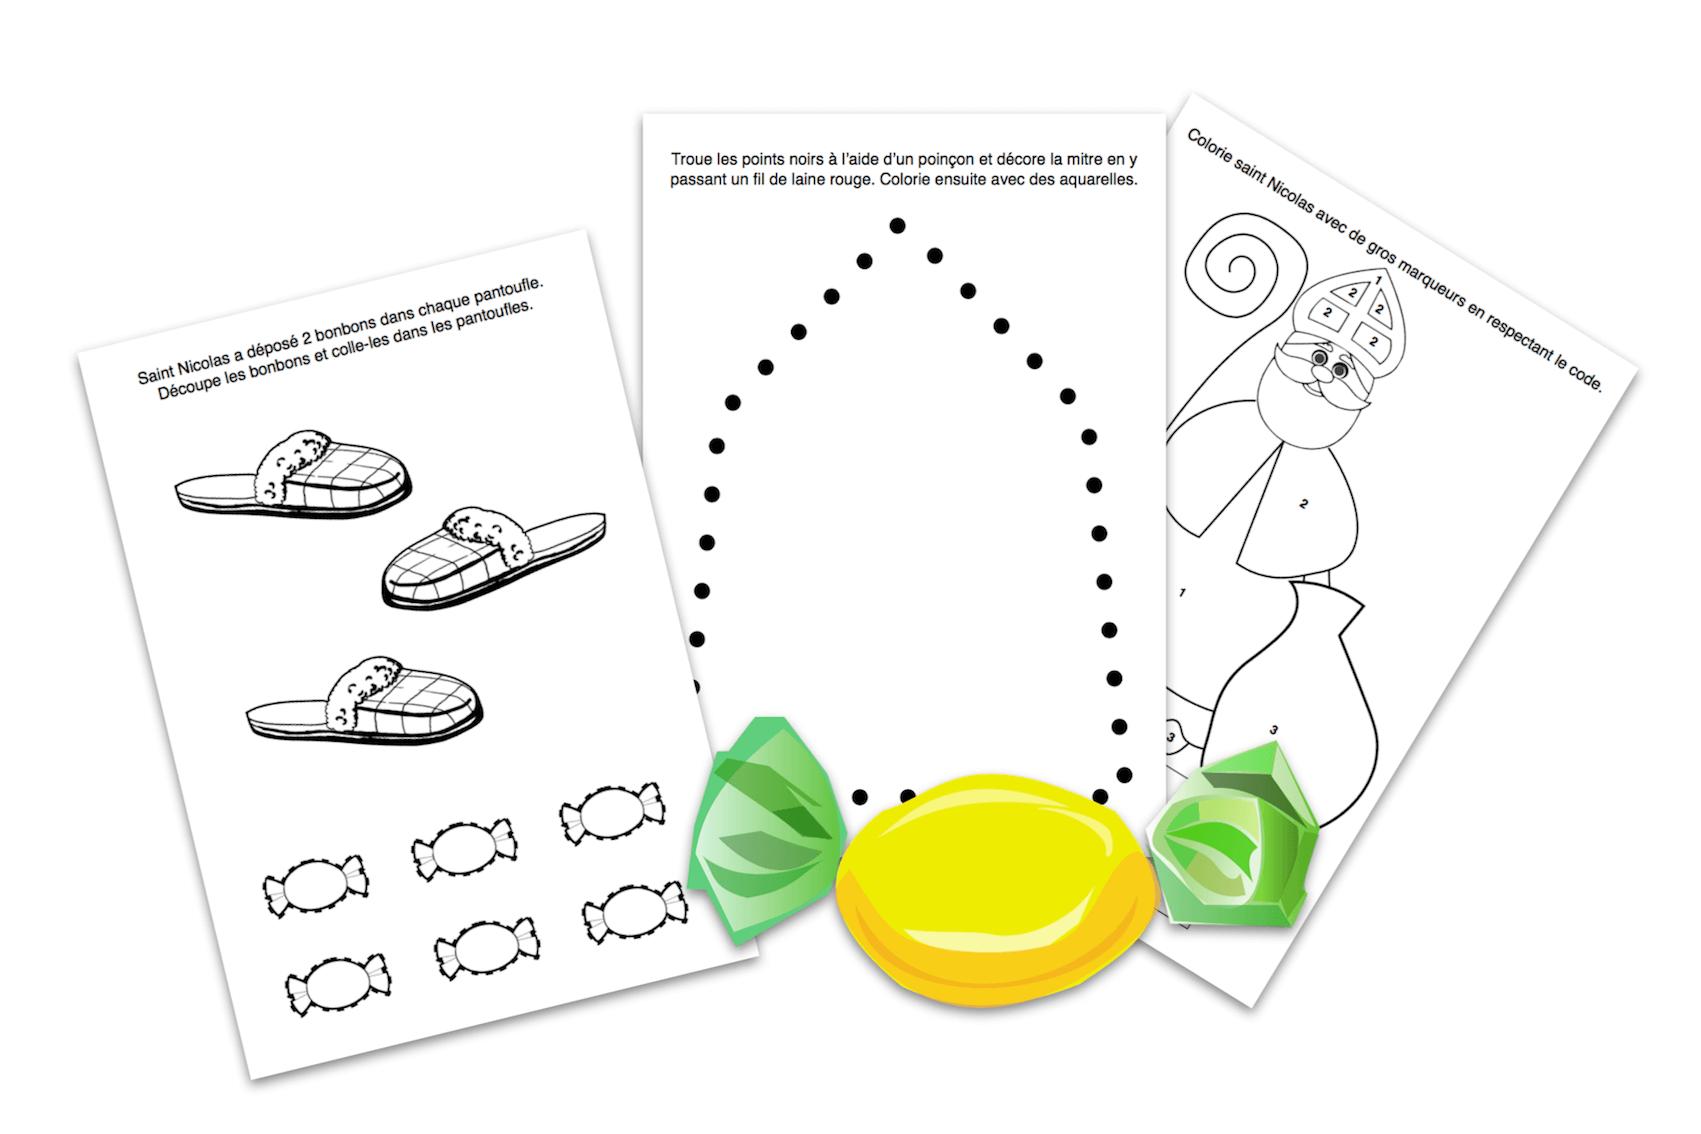 Didactécole - Exercices Pour La Classe Maternelle concernant Exercice Pour Maternelle Petite Section